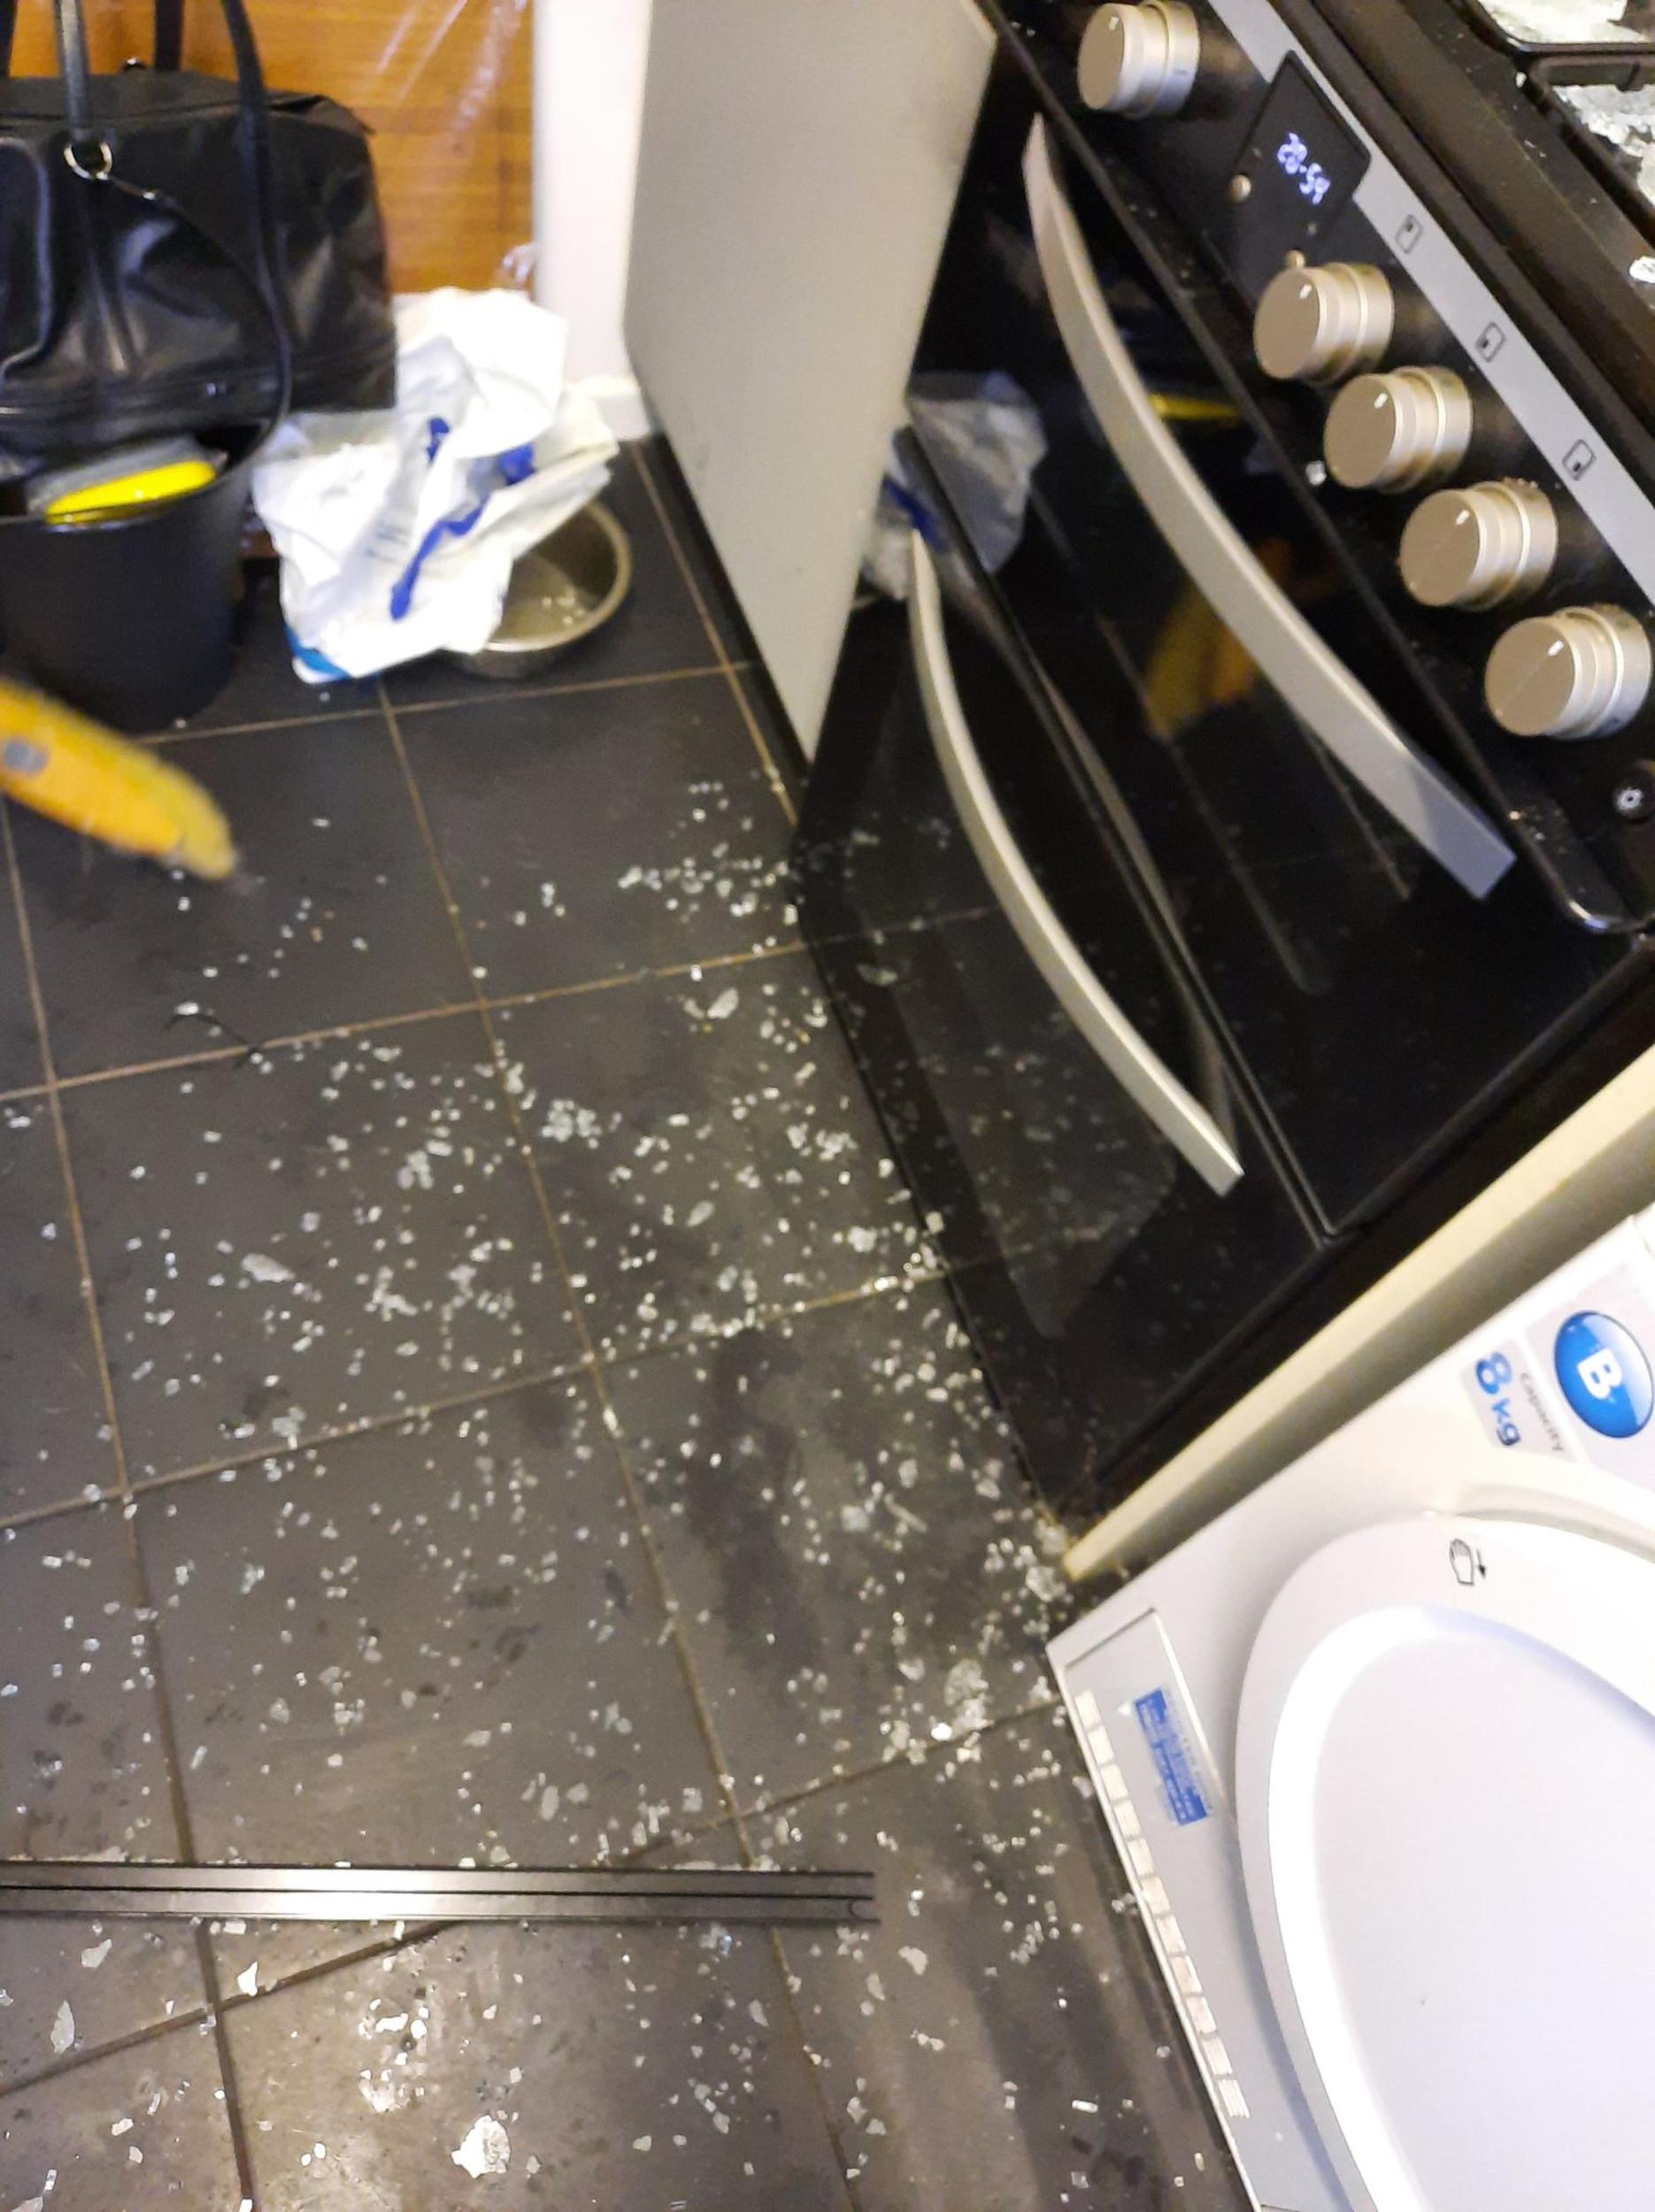 Argos cooker lid shattered - Consumer News UK